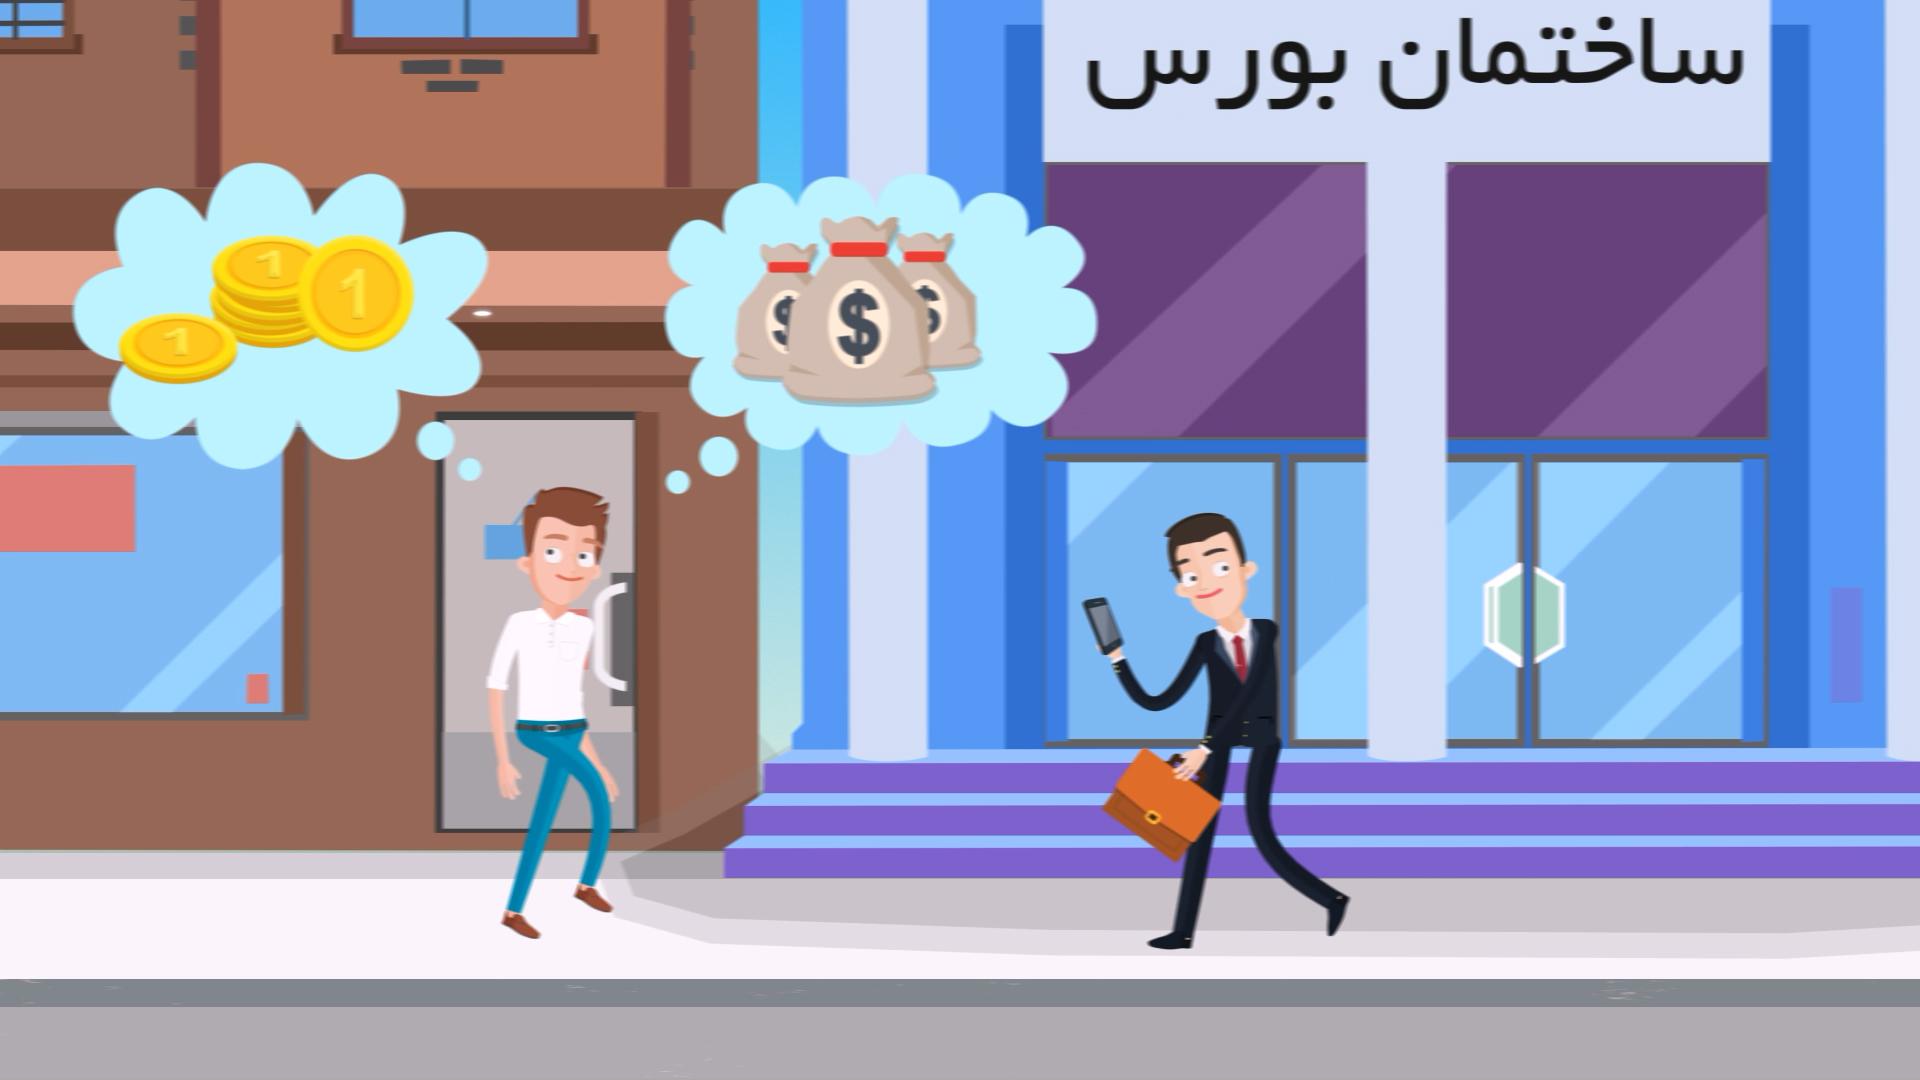 مزایای درج فیلم تبلیغاتی در آپارات در آموزش تک